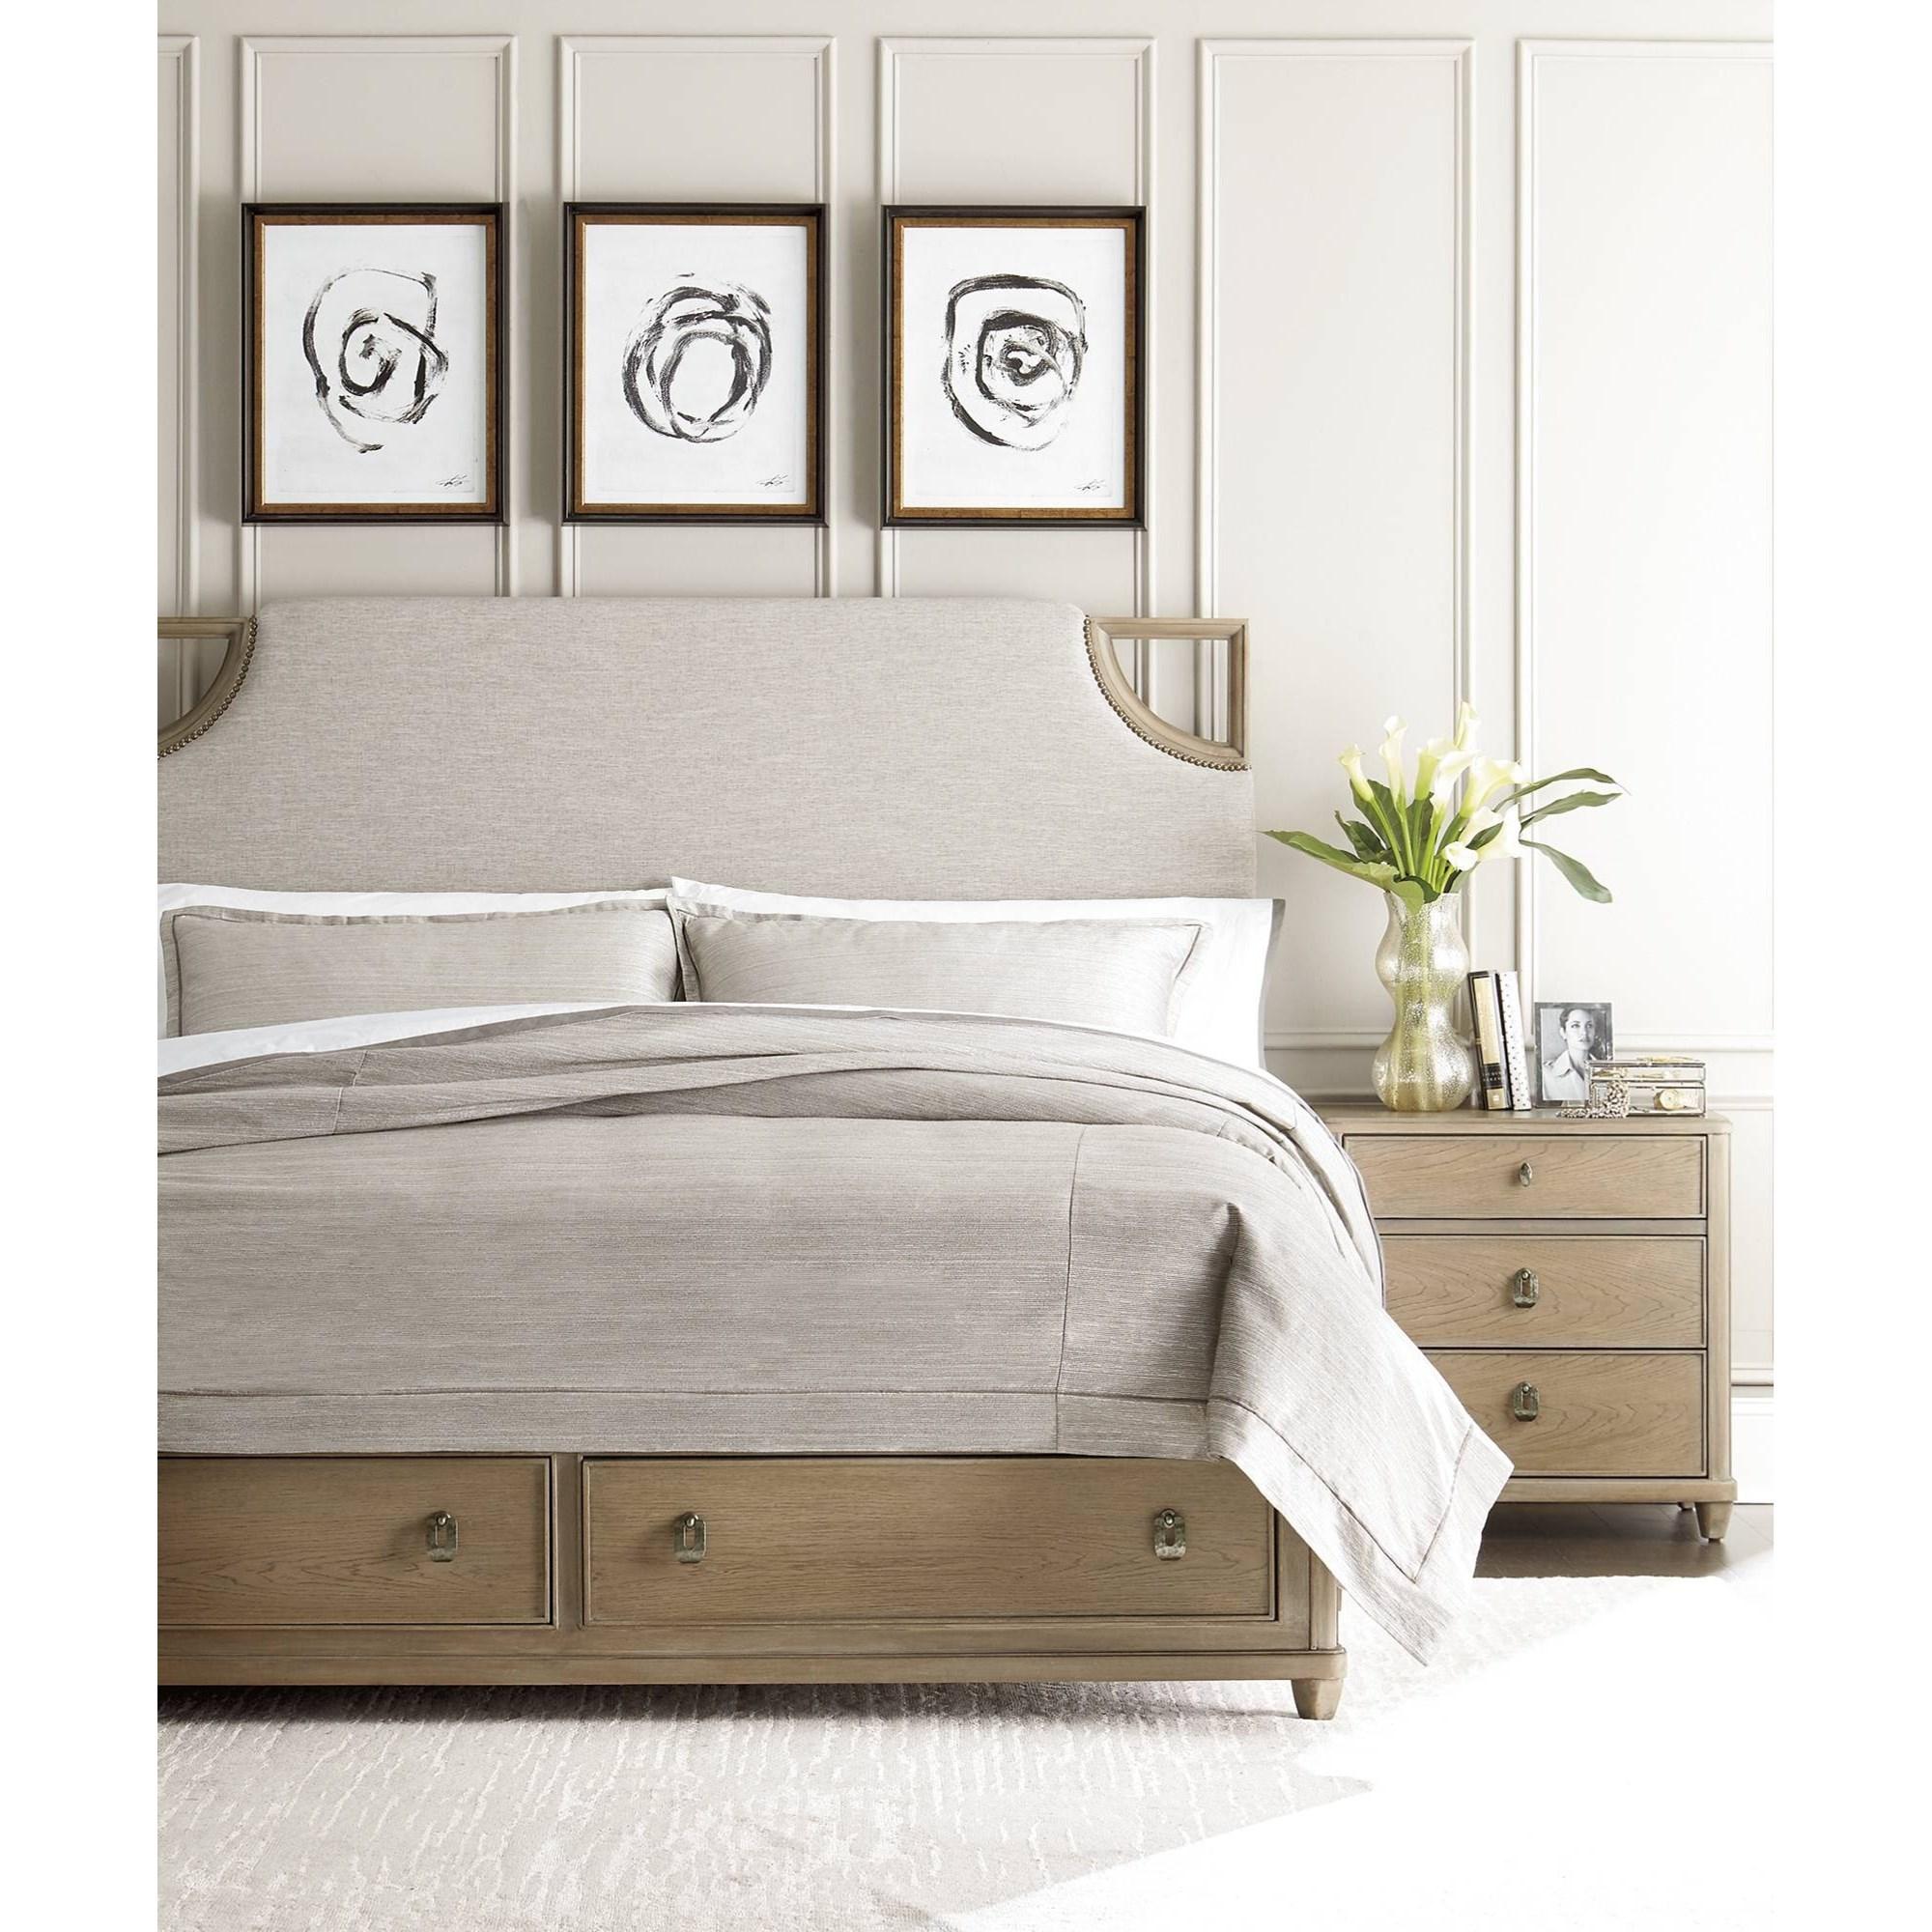 Stanley furniture virage king bedroom group baer 39 s furniture bedroom groups for Stanley furniture bedroom set